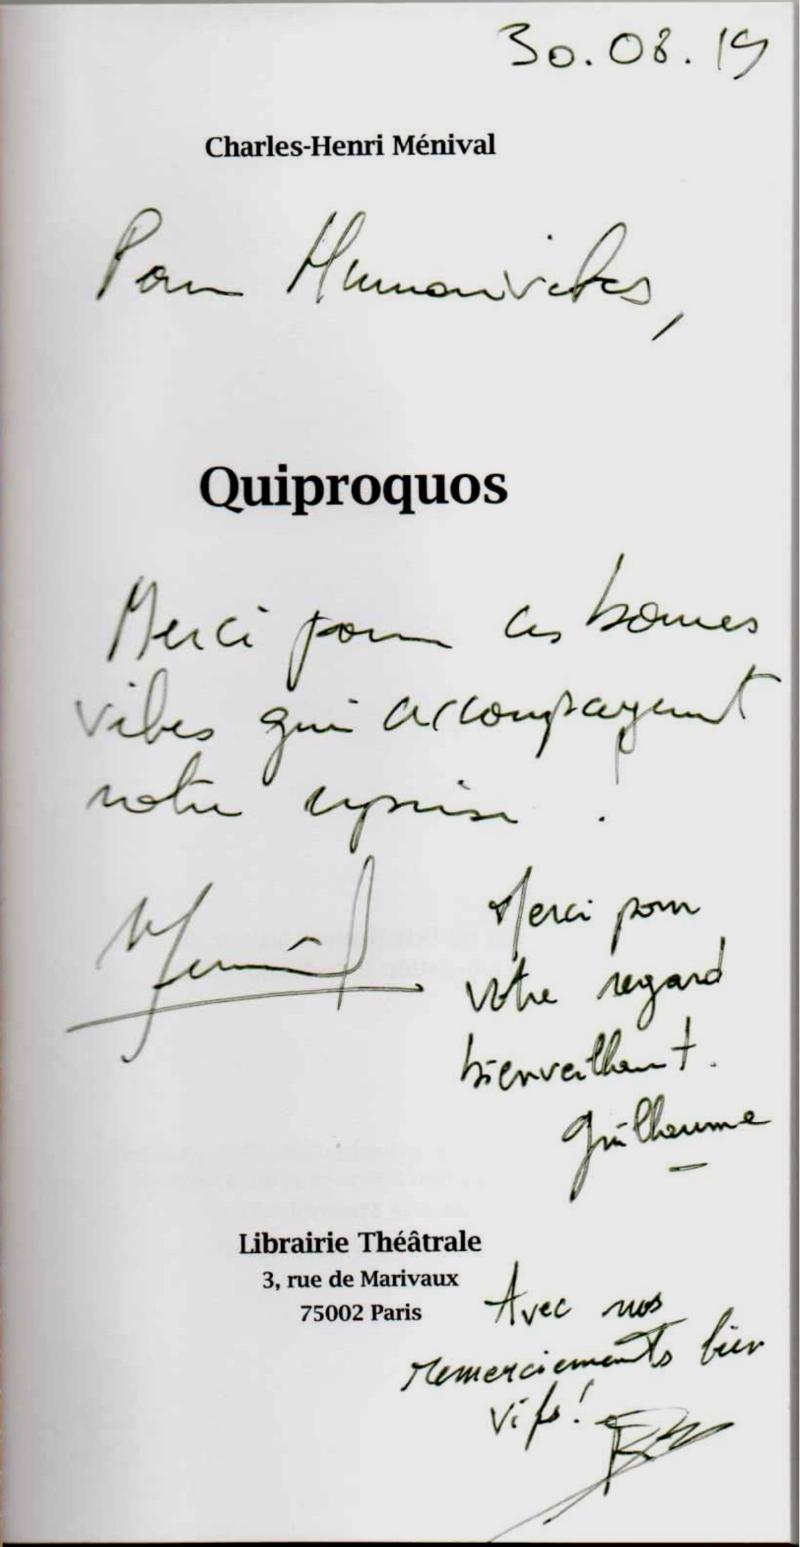 Dédicace de Charles-Henri Ménival pour Humanvibes